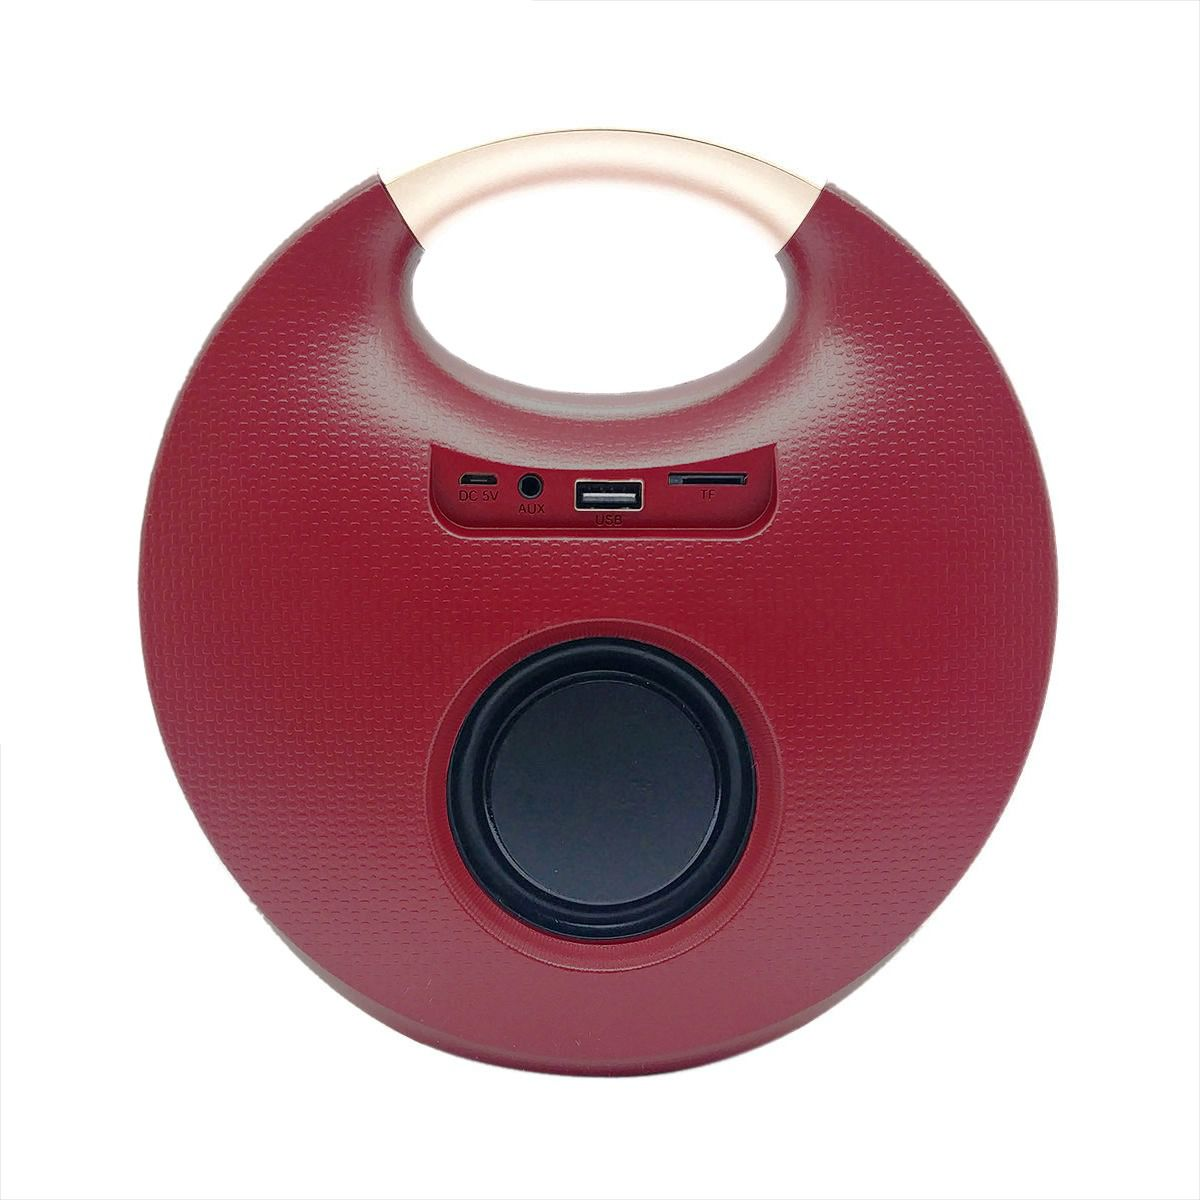 Caixa Portátil Studio Speaker Bluetooth com Alça e Tecnologia TWS + USB P2 SD FM Microfone Exbom CS-M90BT Vermelha